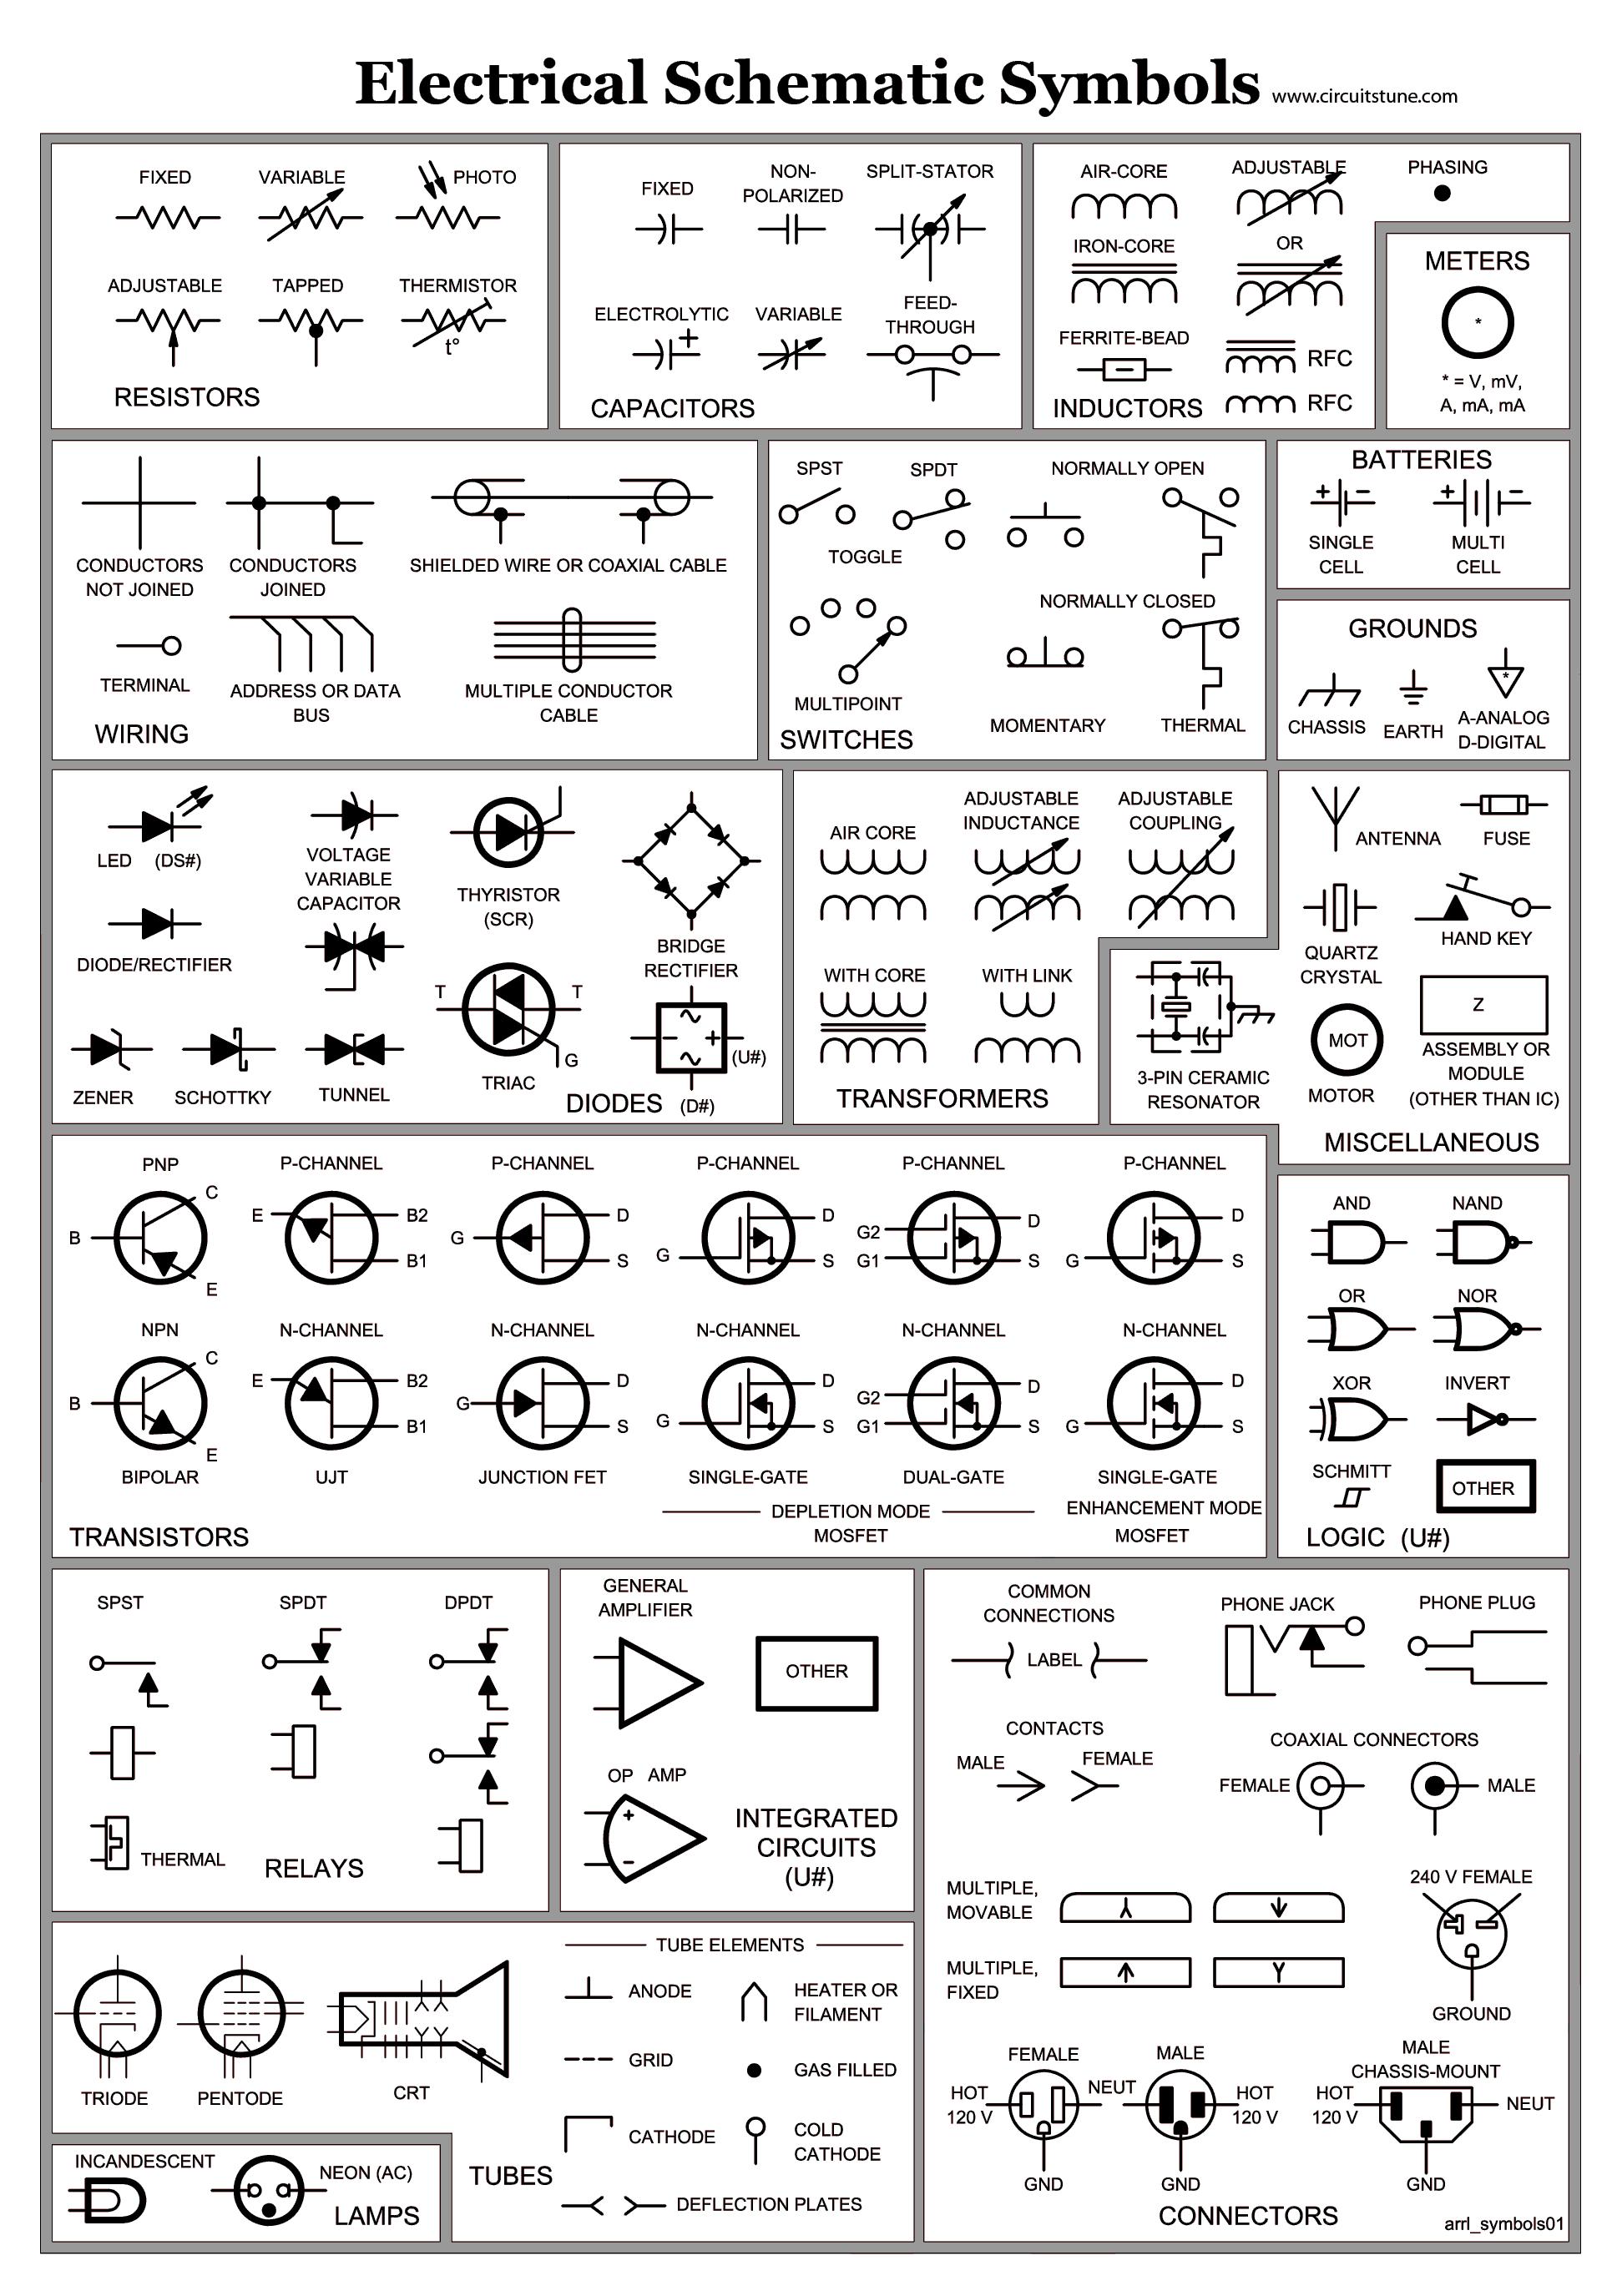 new car wiring diagram explained diagram diagramtemplate diagramsample [ 1937 x 2751 Pixel ]